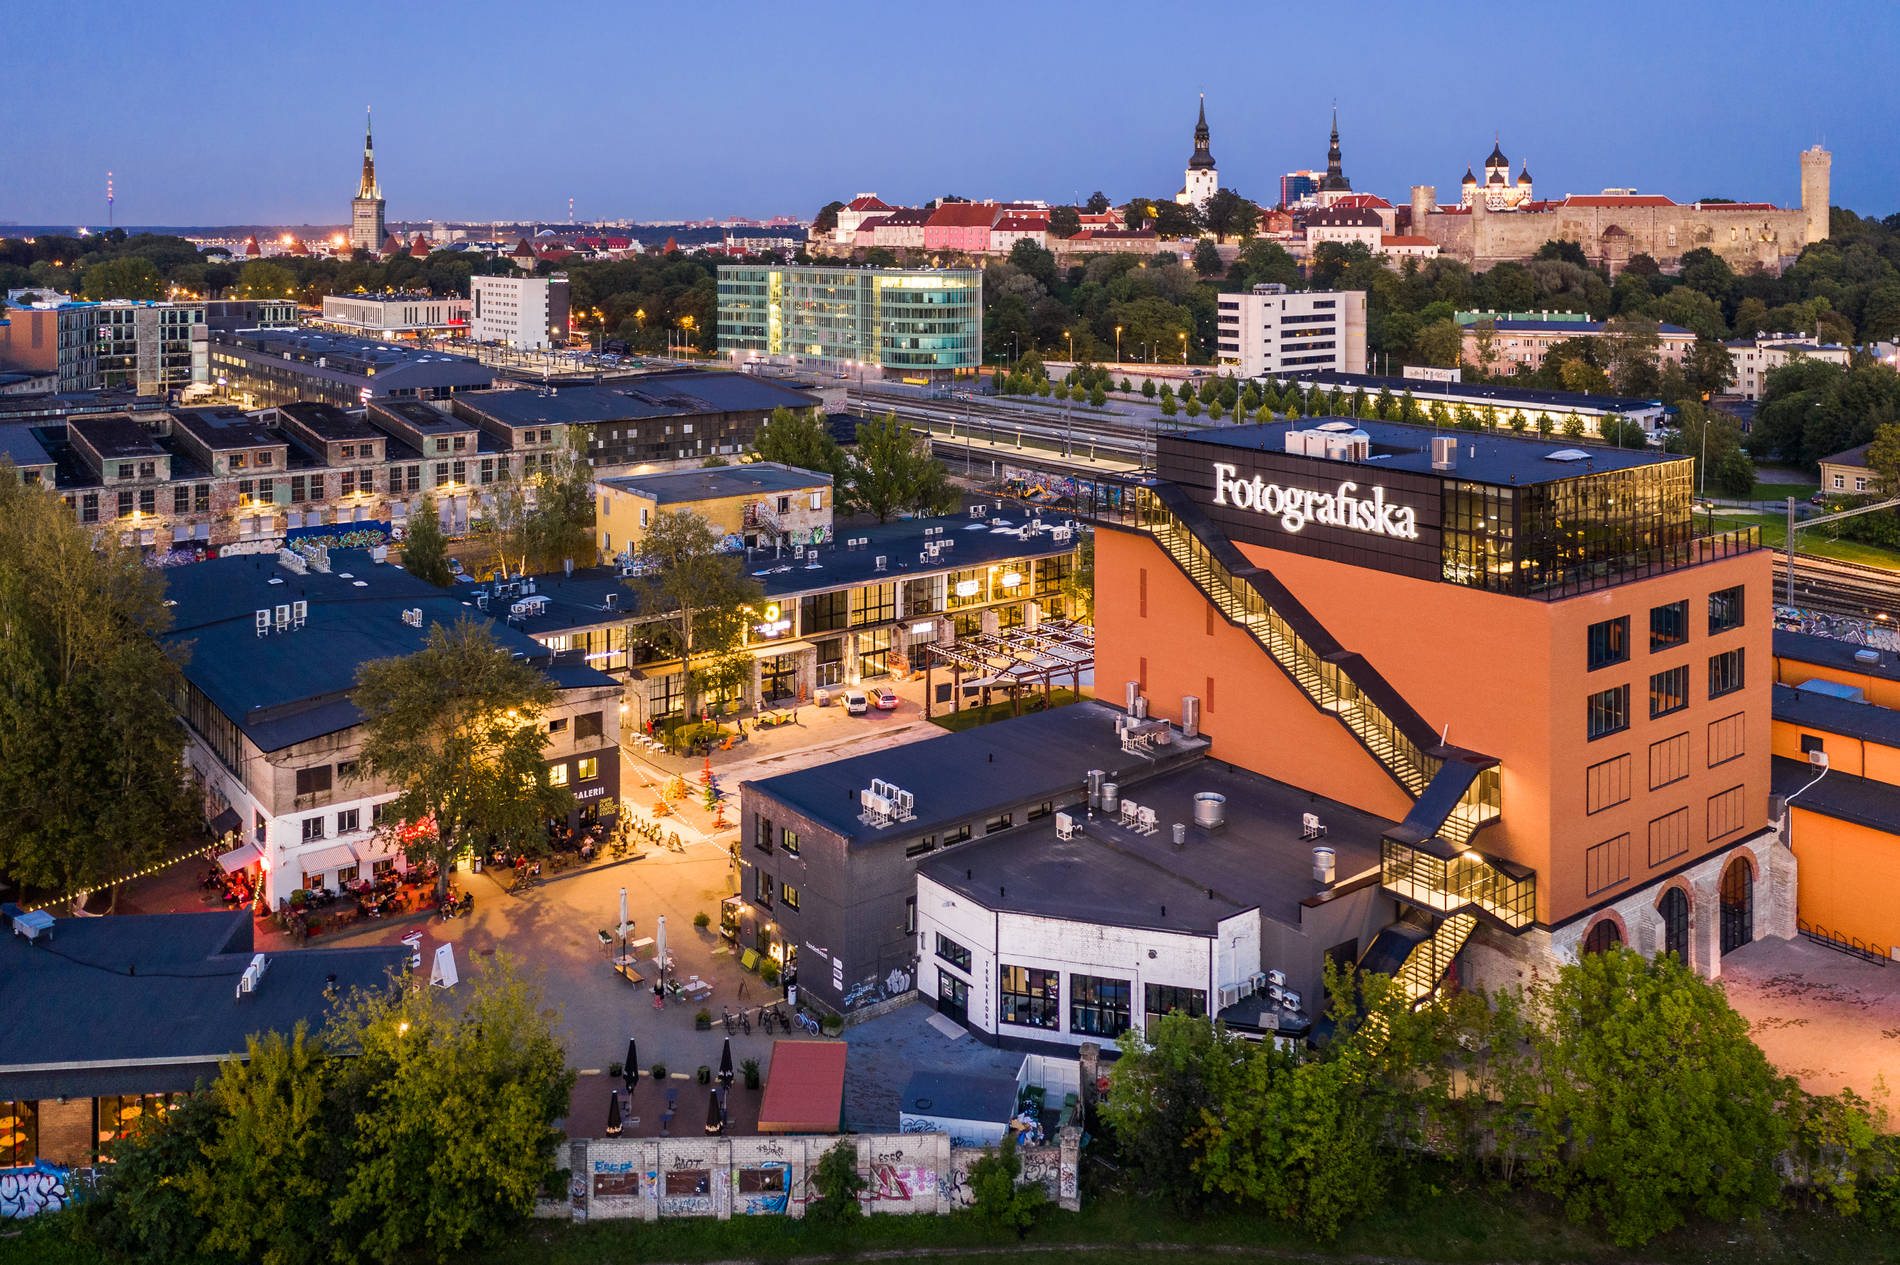 Telliskiven luova keskusta ja Fotografiska Tallinn, Viro Kuva: Kaupo Kalda